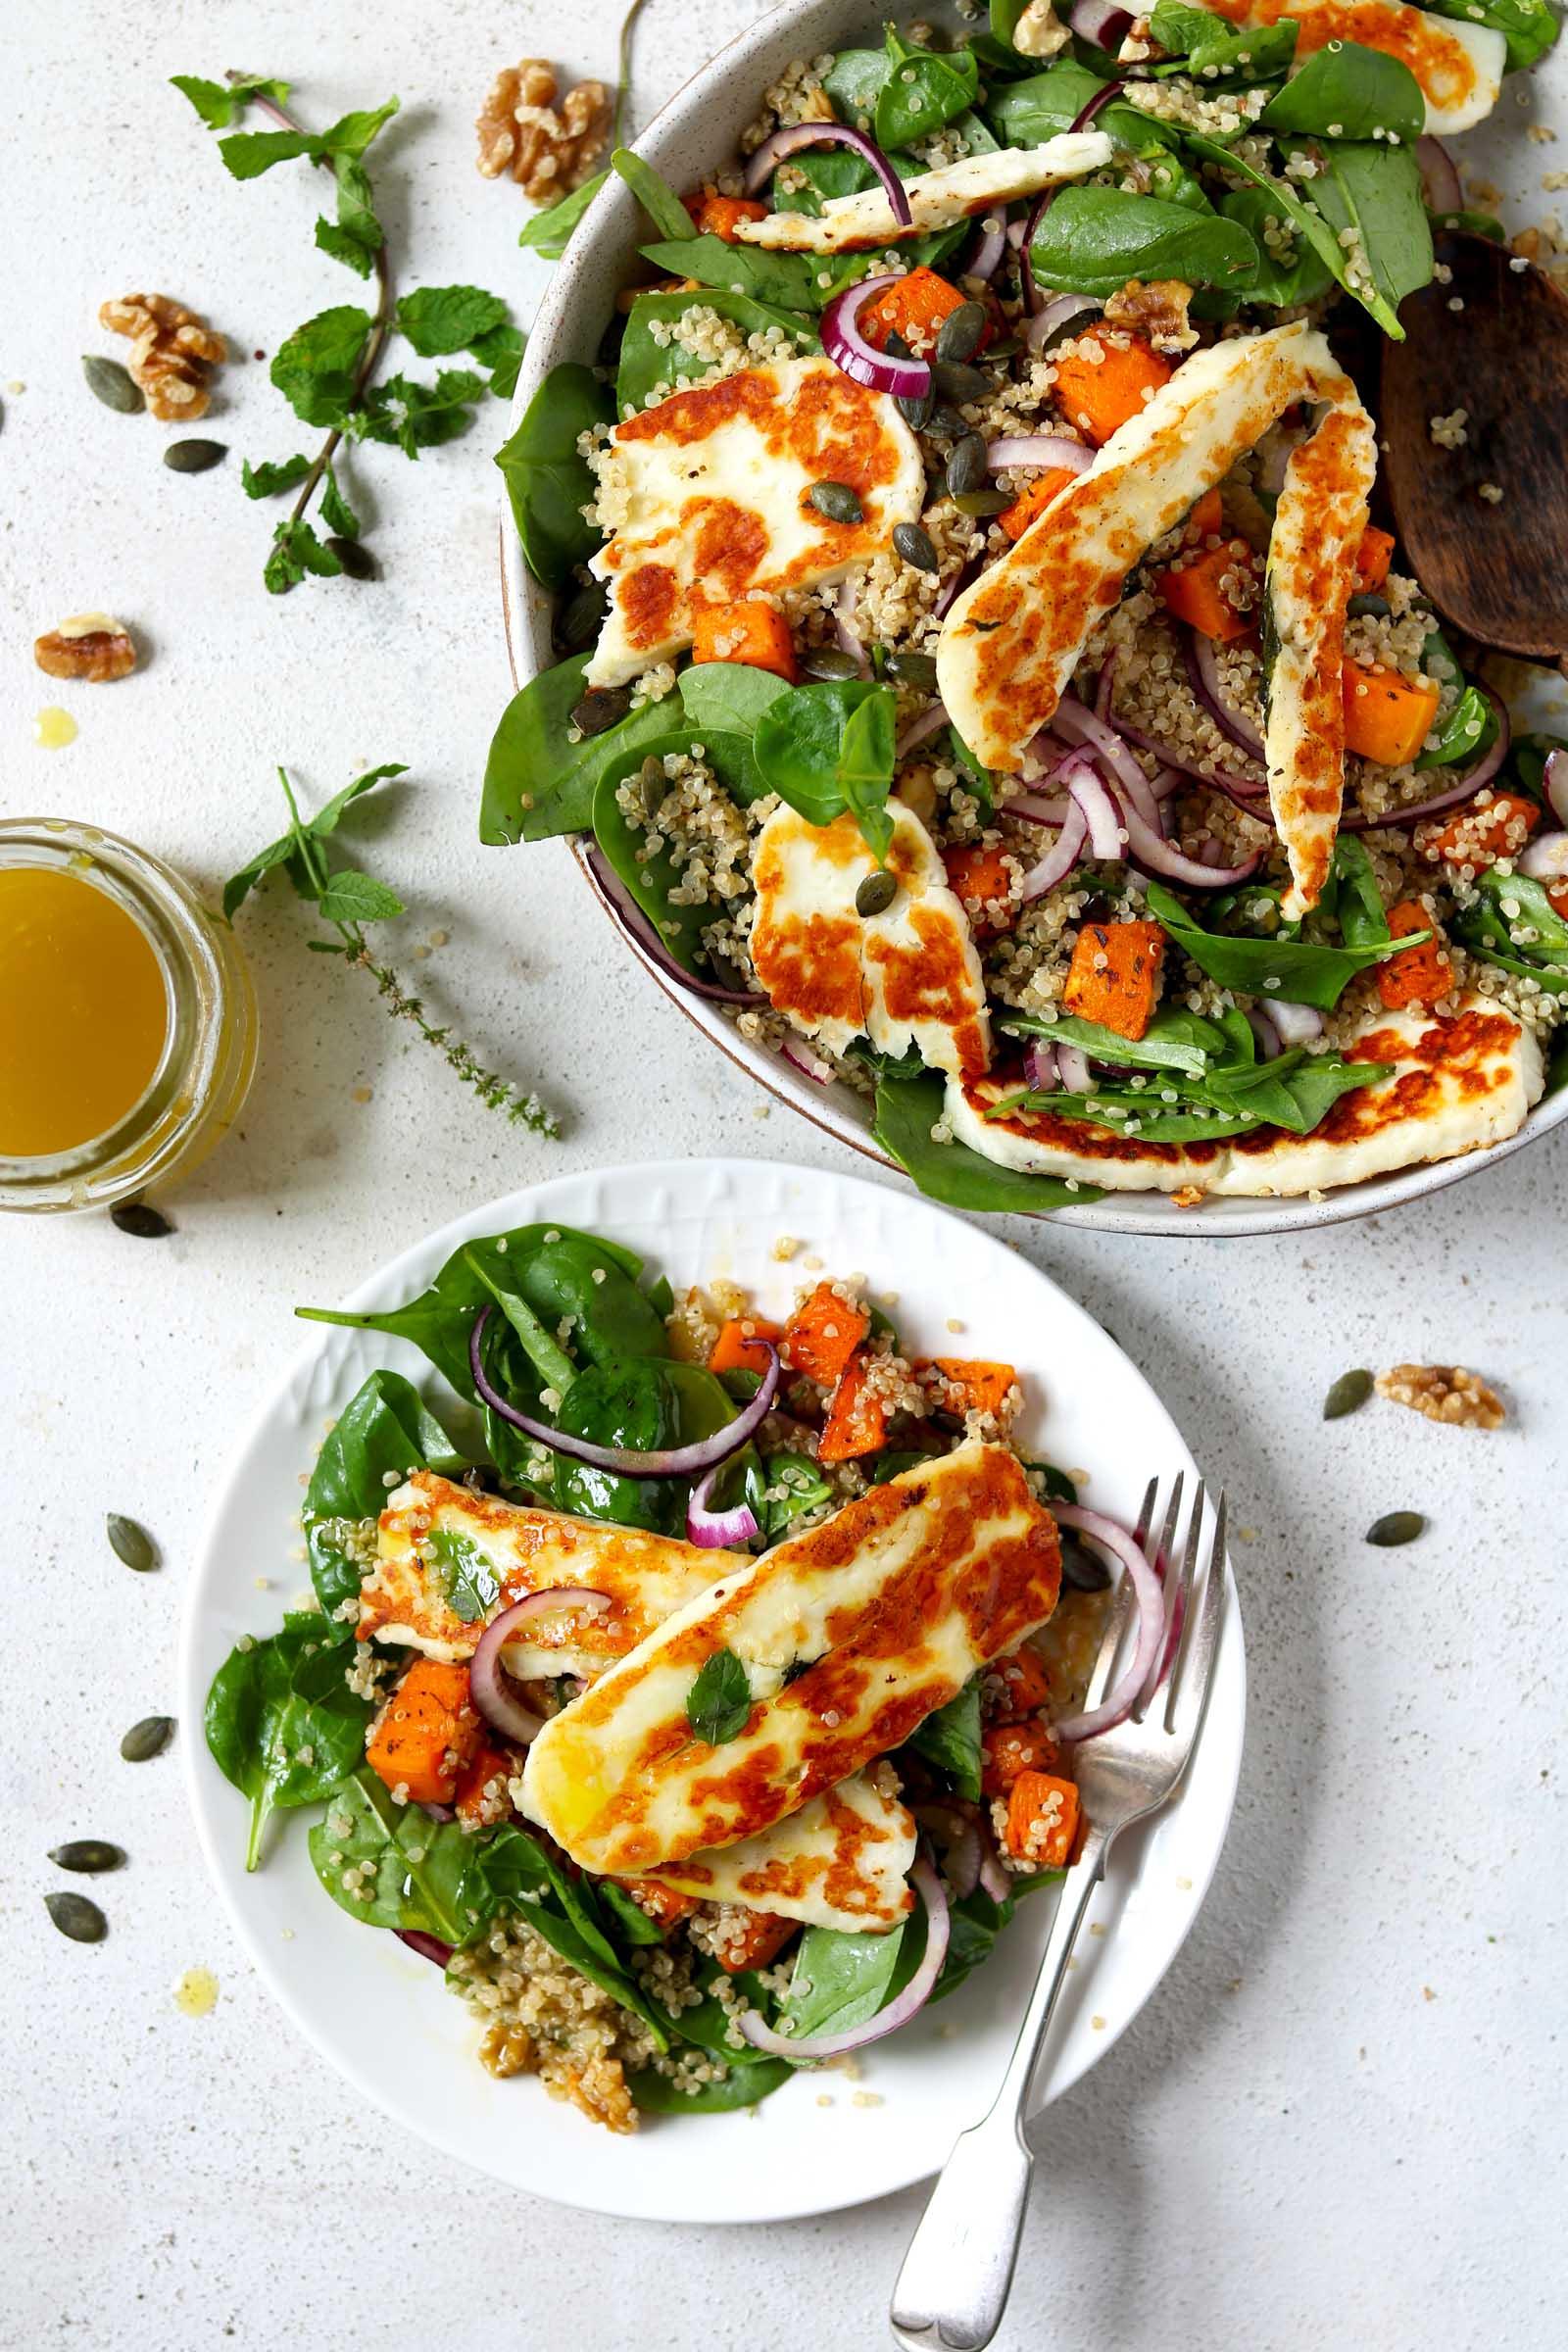 Halloumi Salad with Butternut Squash & Quinoa - The Last ...